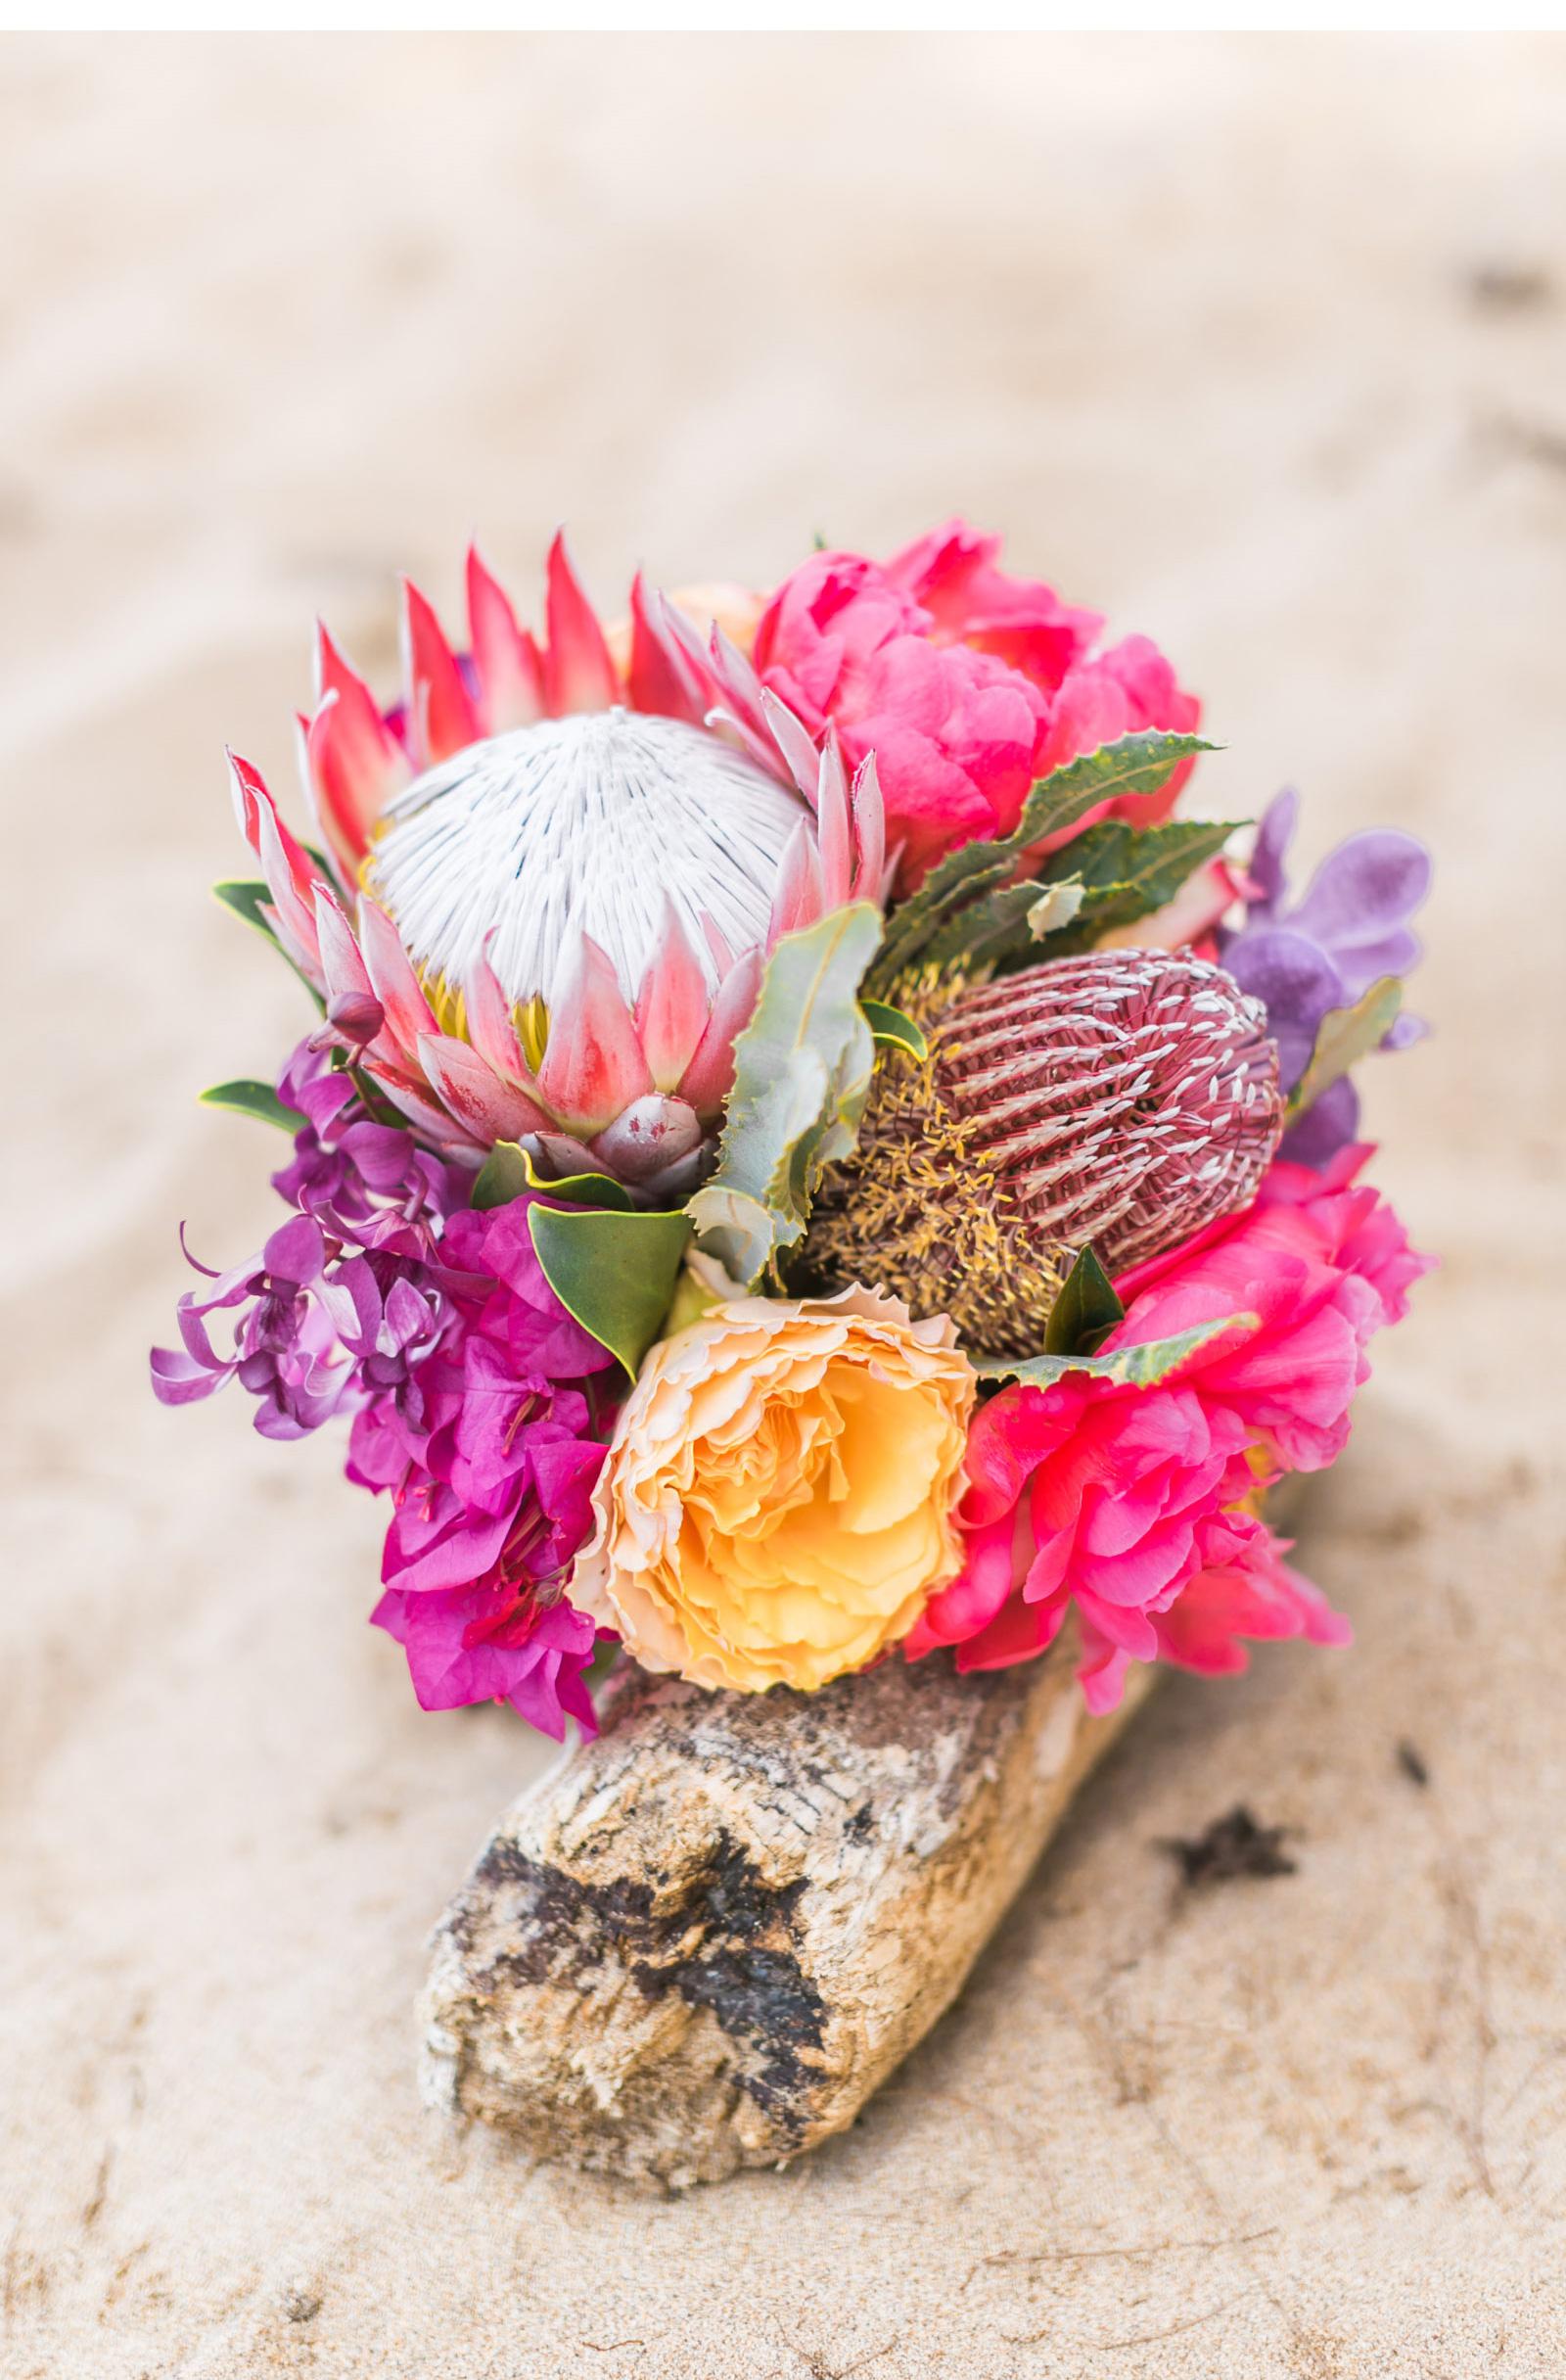 Natalie-Schutt-Photography--Maui-Green-Wedding-Shoes_03.jpg